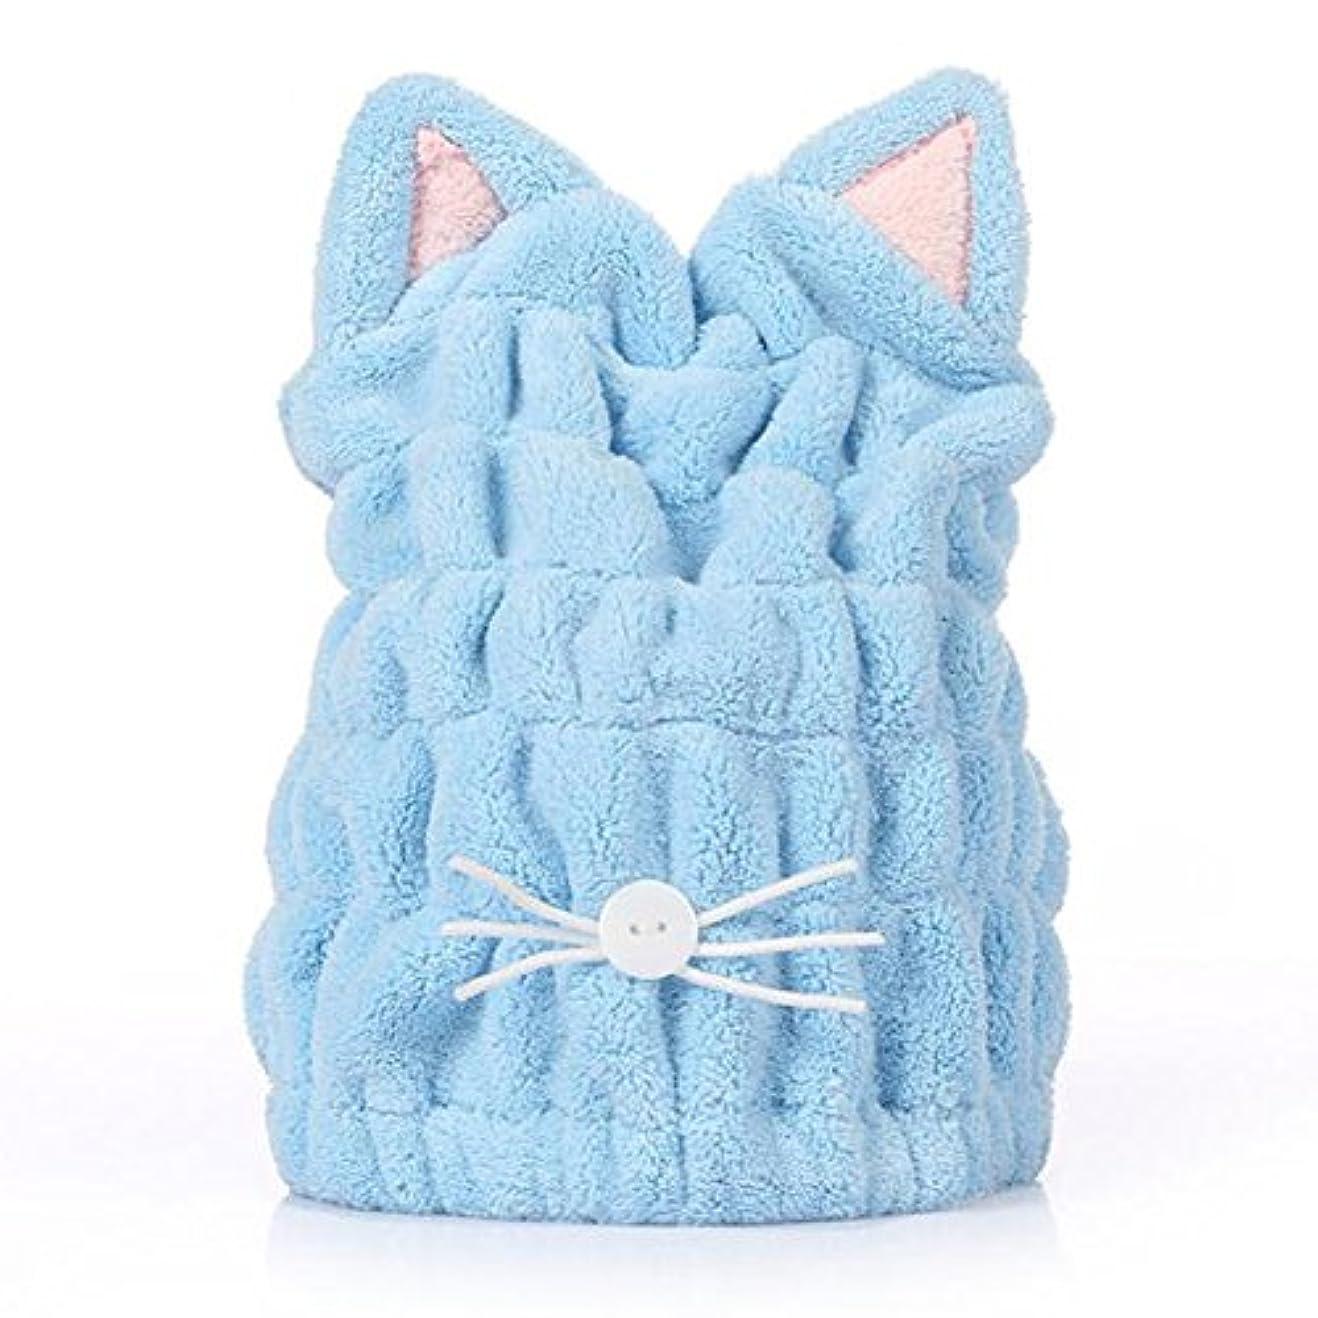 衣服補正エンゲージメントタオルキャップ 猫耳 ヘアドライキャップ 吸水 乾燥用 お風呂用 マイクロファイバー 可愛い (ブルー)